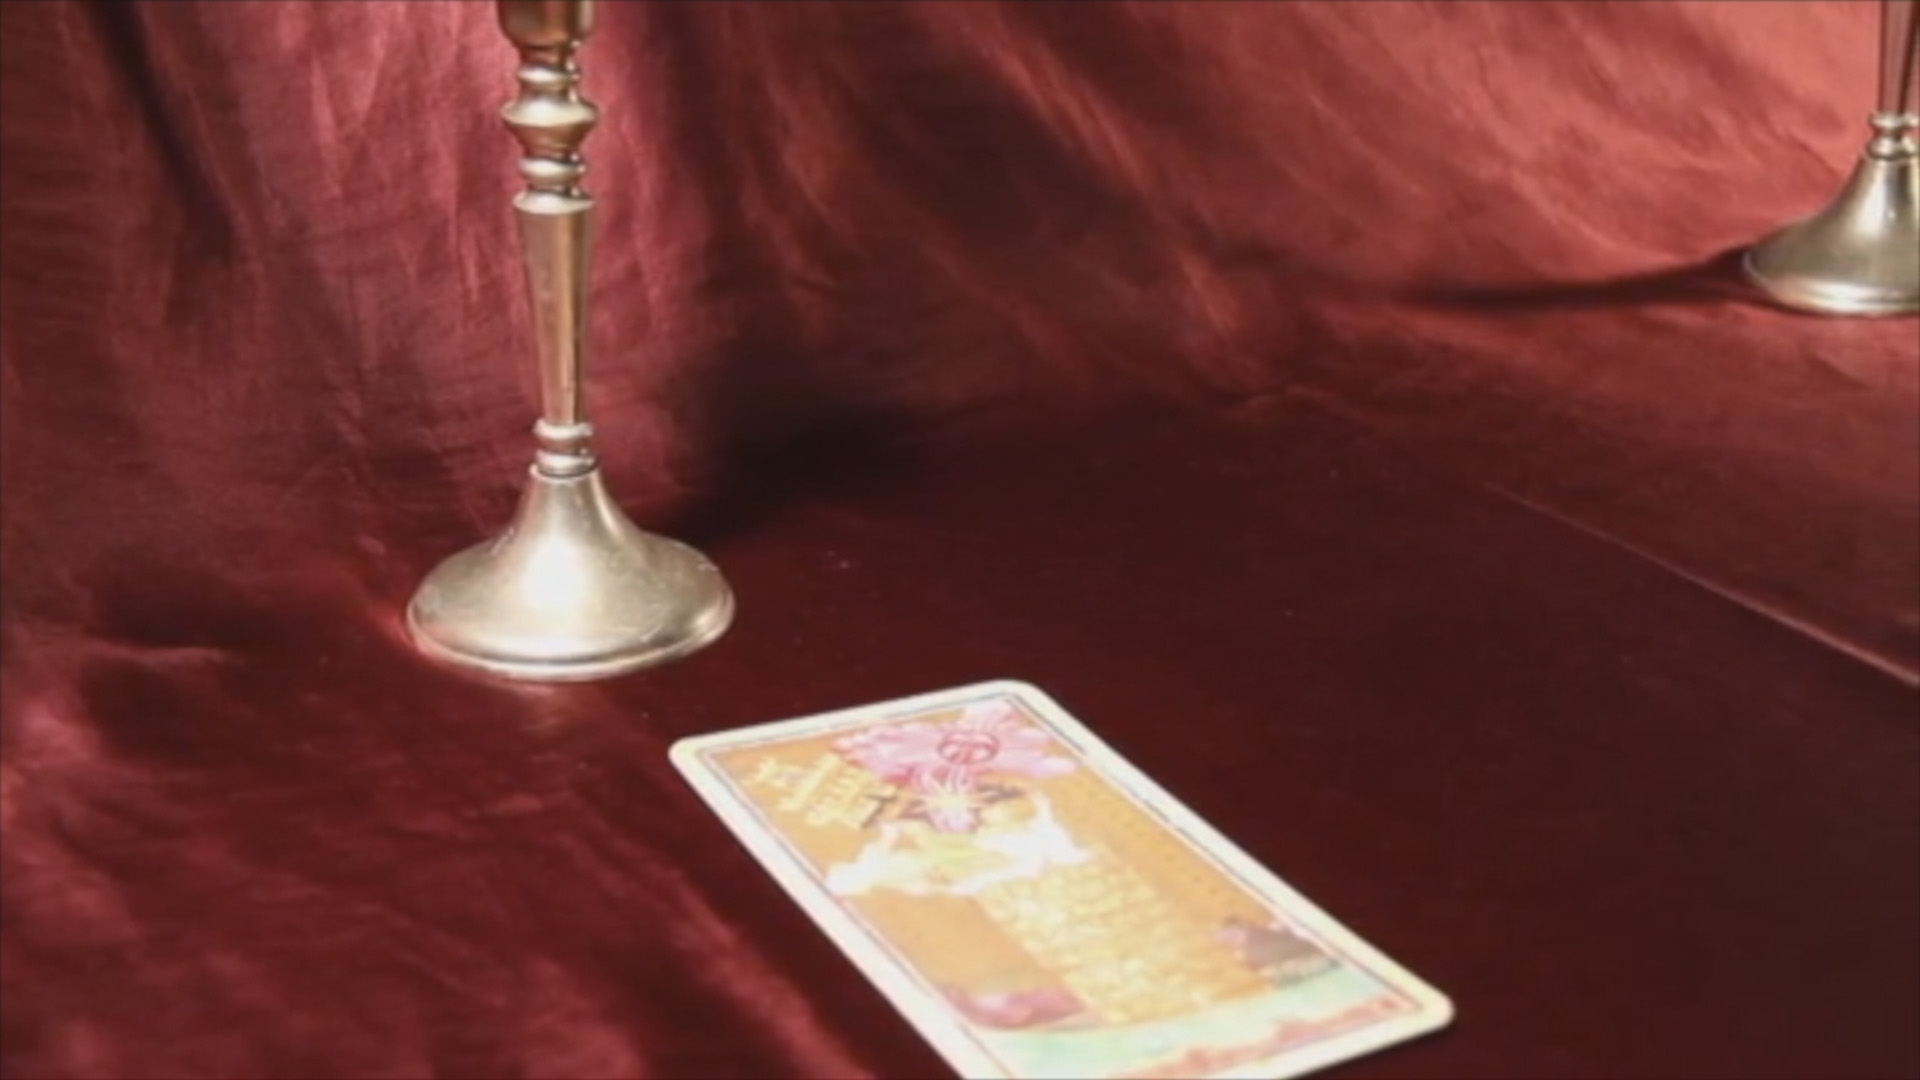 Rita   Voyante experte dans les arts divinatoires depuis 15 ans 3e36d25fad15